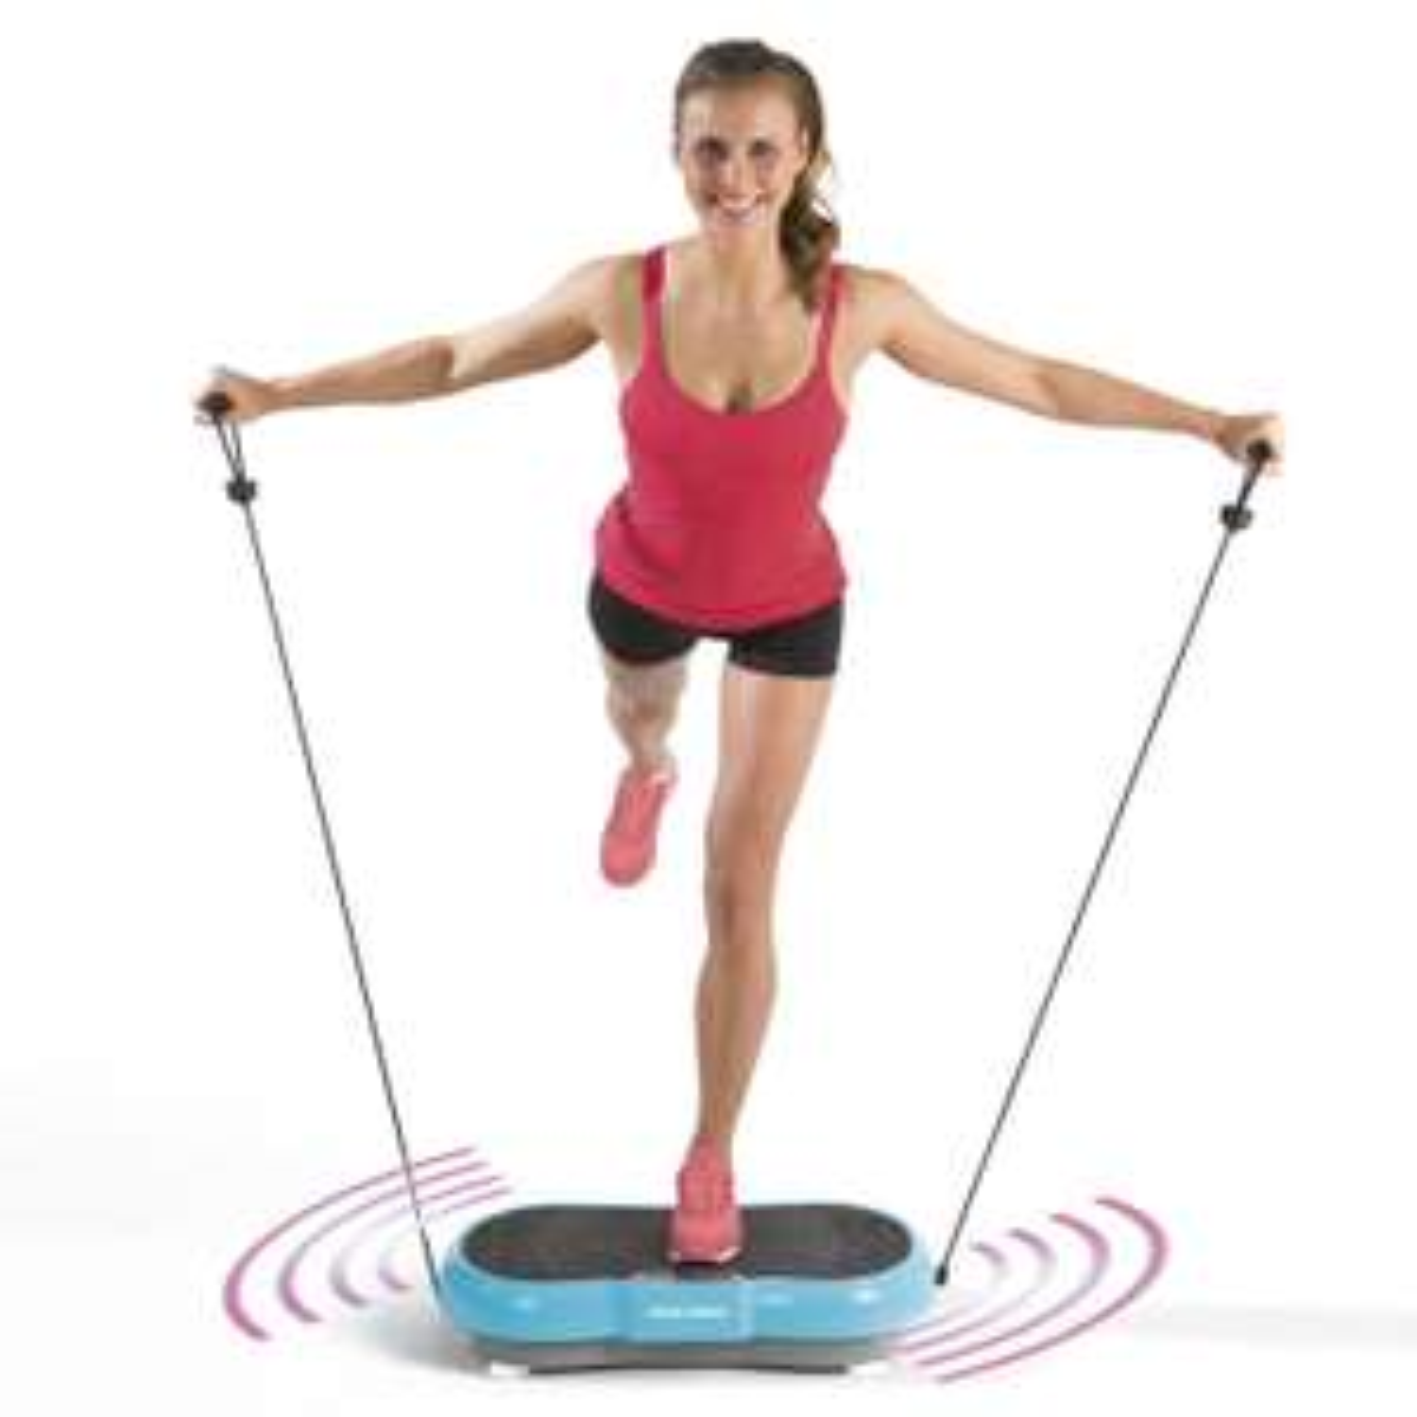 VITALmaxx Vibrationstrainer (99 Stufen, 9 Programme, drei Zonen, rutschfest, Display, Trainingsbänder, Fernbedienung, bis 120kg)